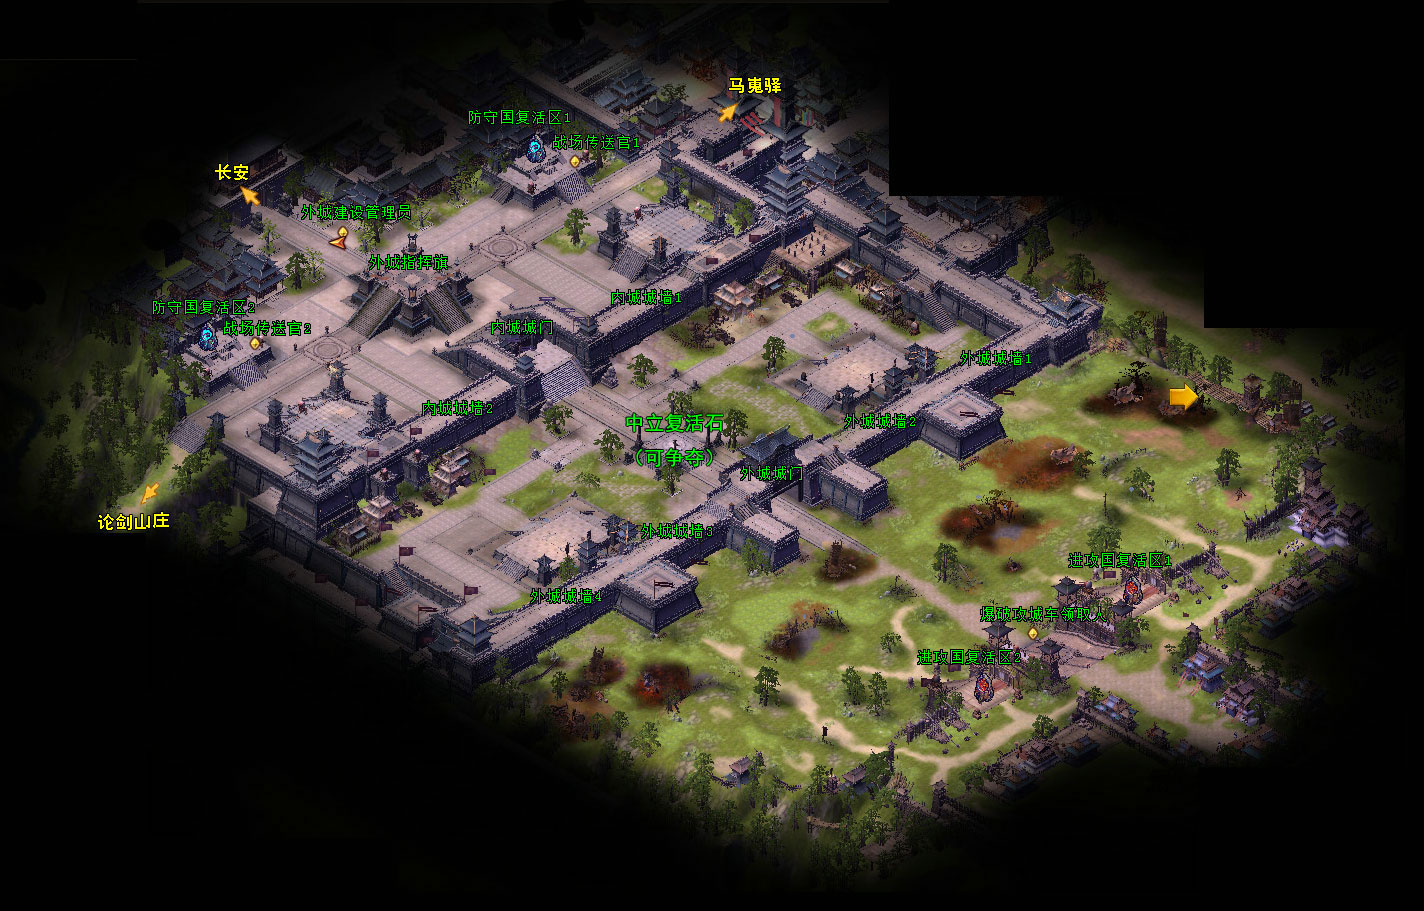 长安外城全图